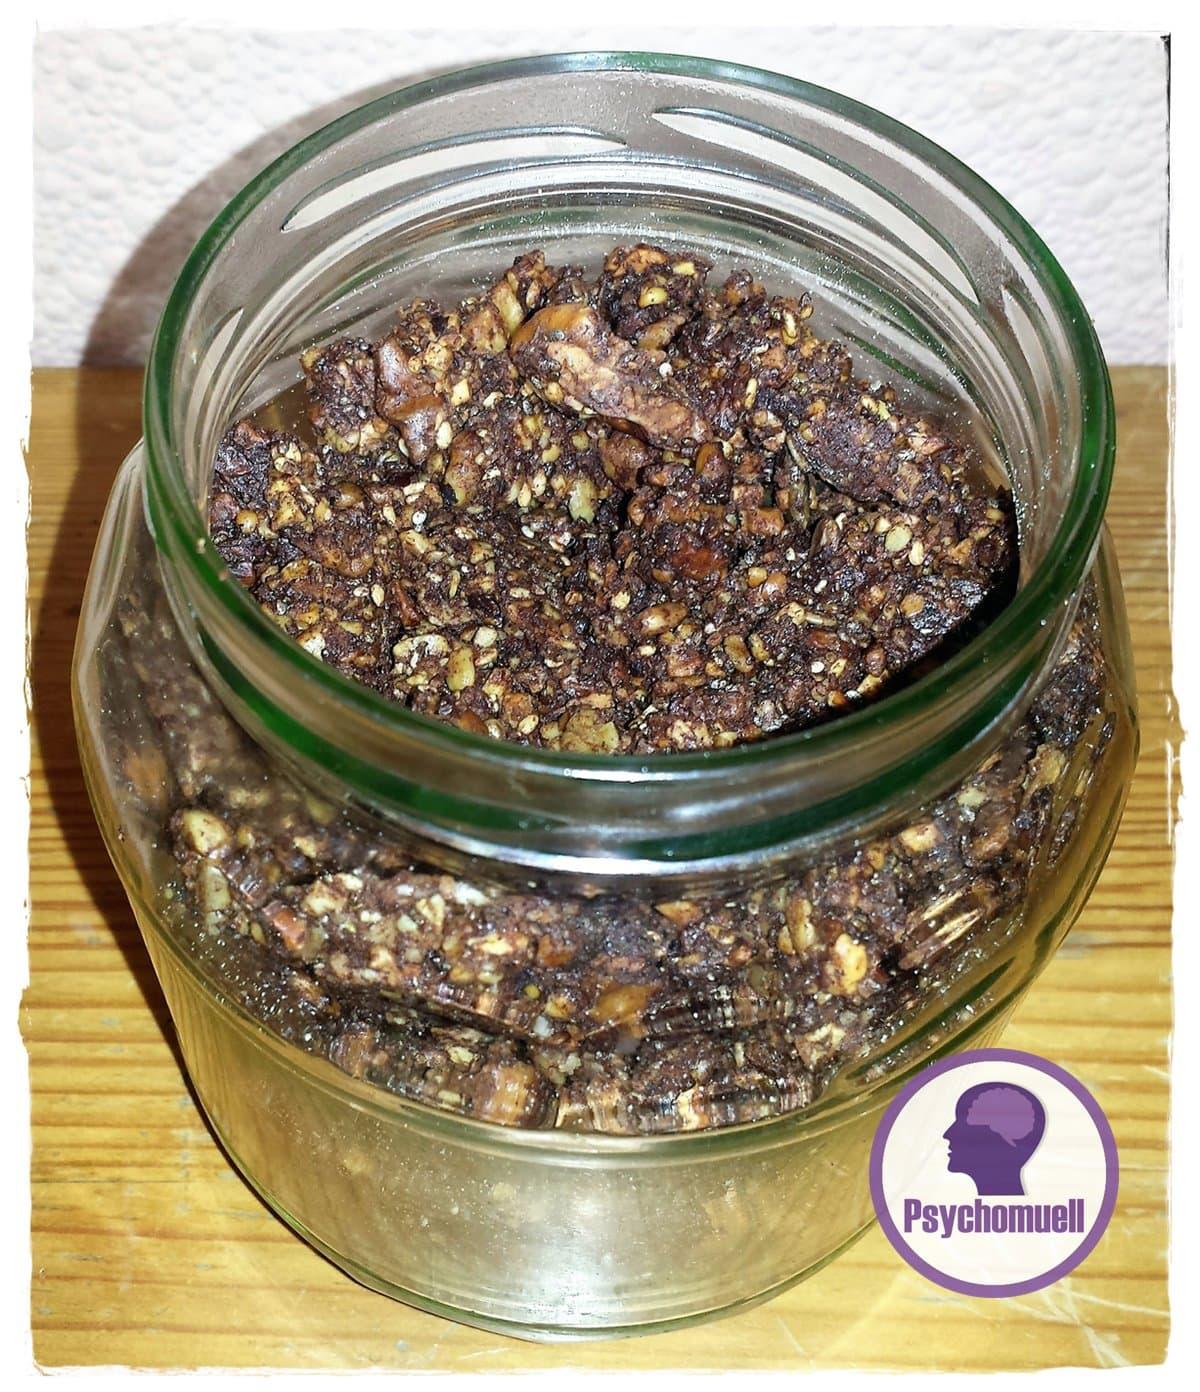 Selbstgemaches zuckerfreies Knusper-Müsli oder Granola